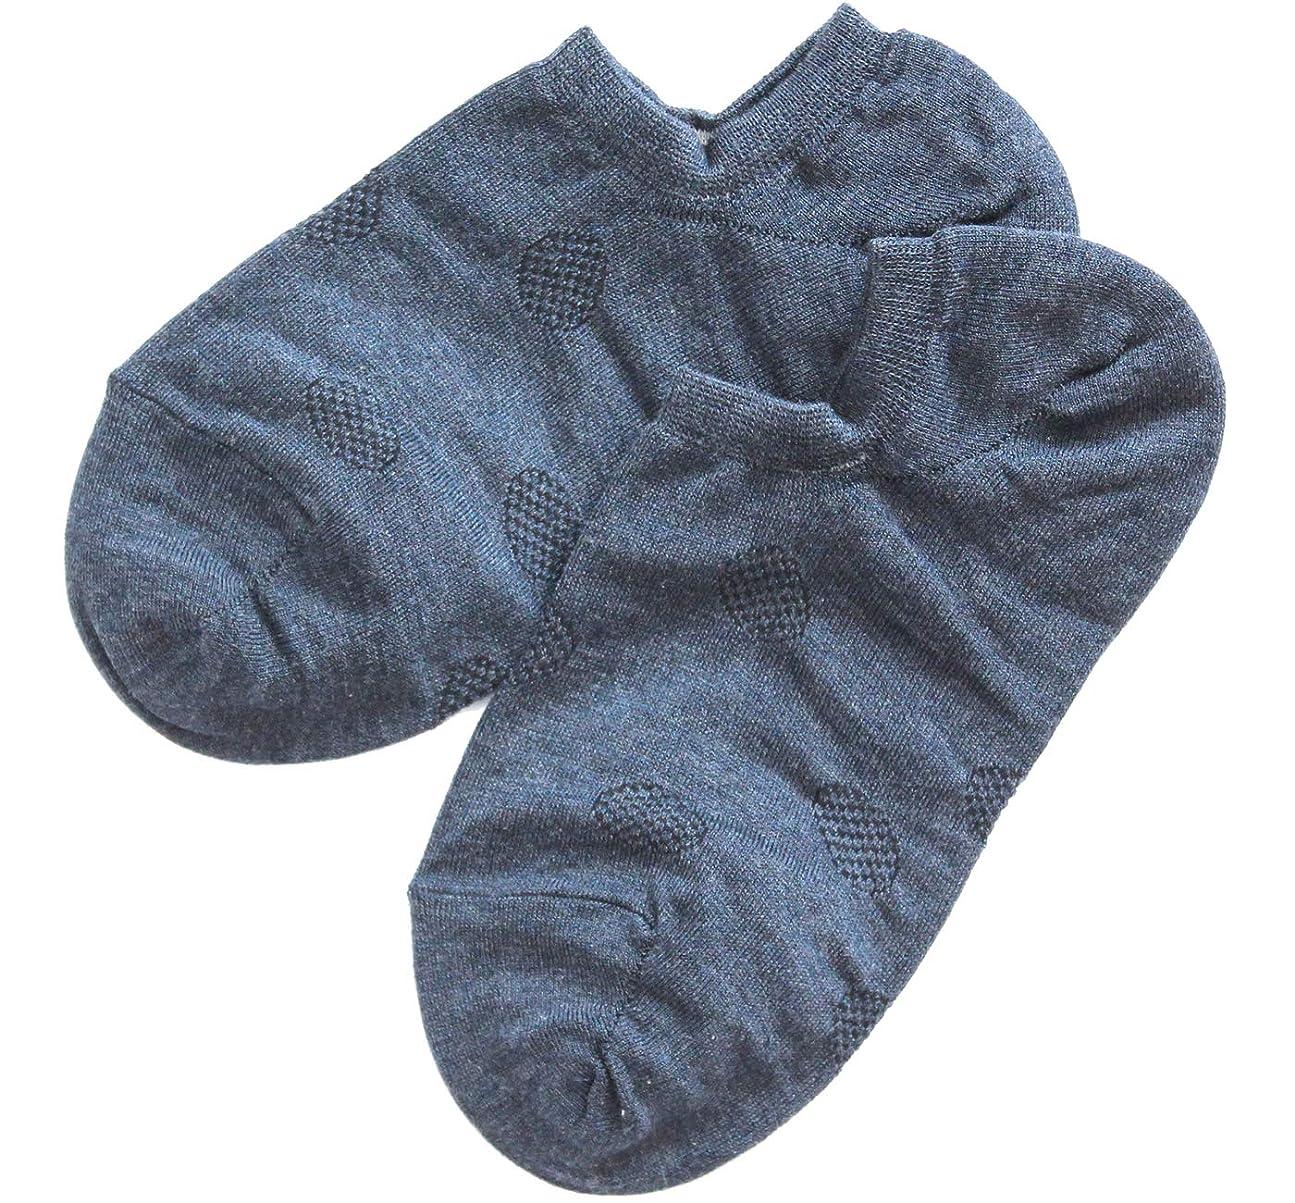 同様の区糸温むすび かかとケア靴下 【足うら美人カバーソックスタイプ 女性用 22~24cm ネイビー】 ひび割れ ケア 夏用